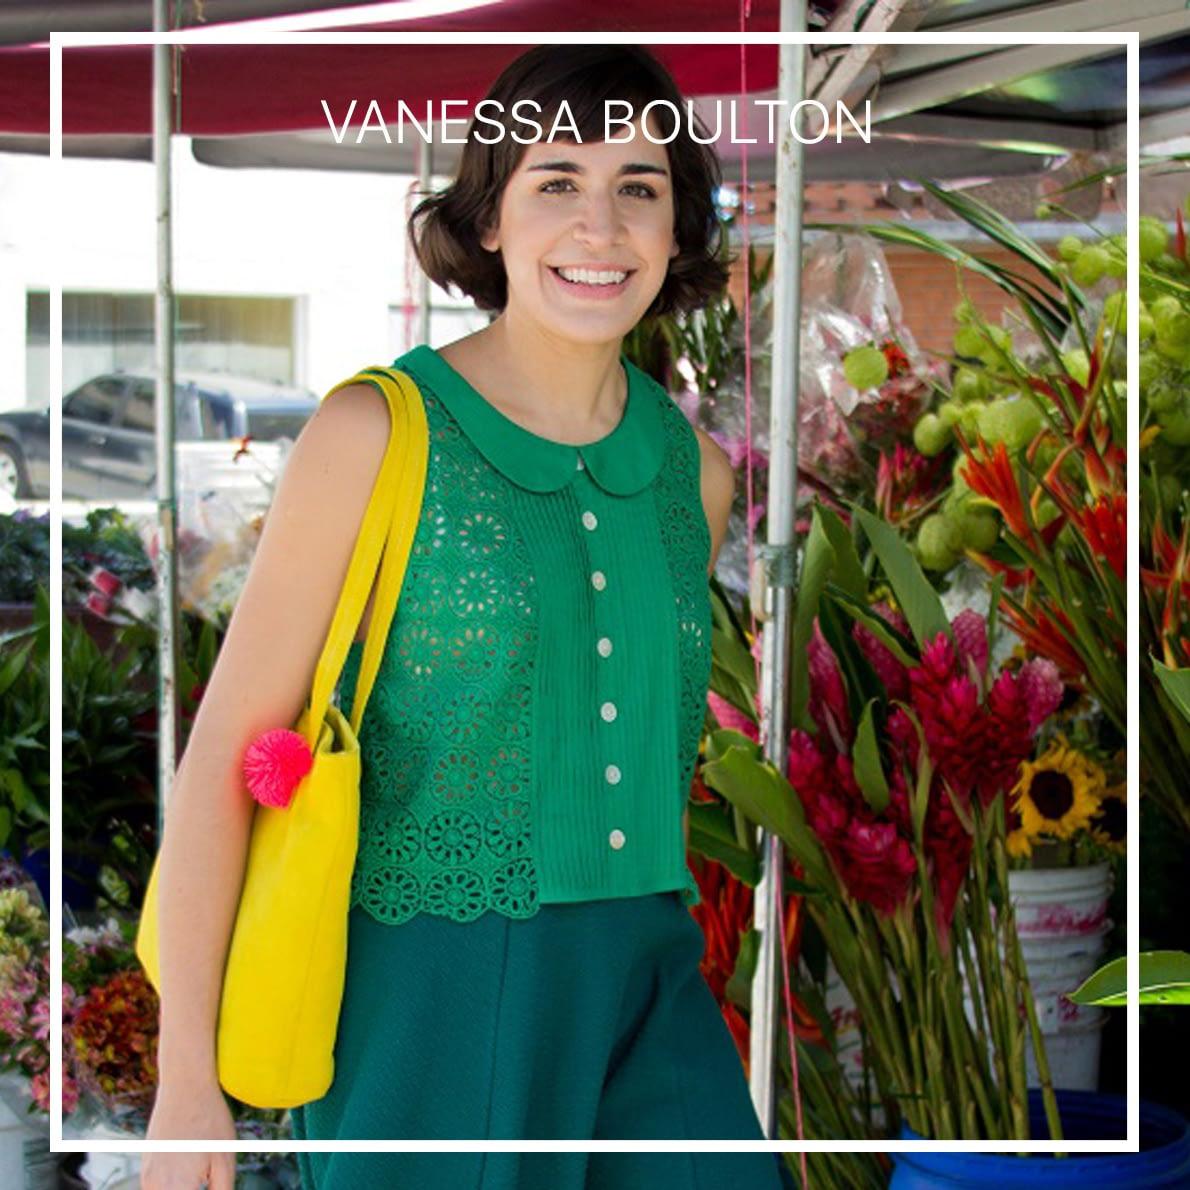 Vanesa Boulton